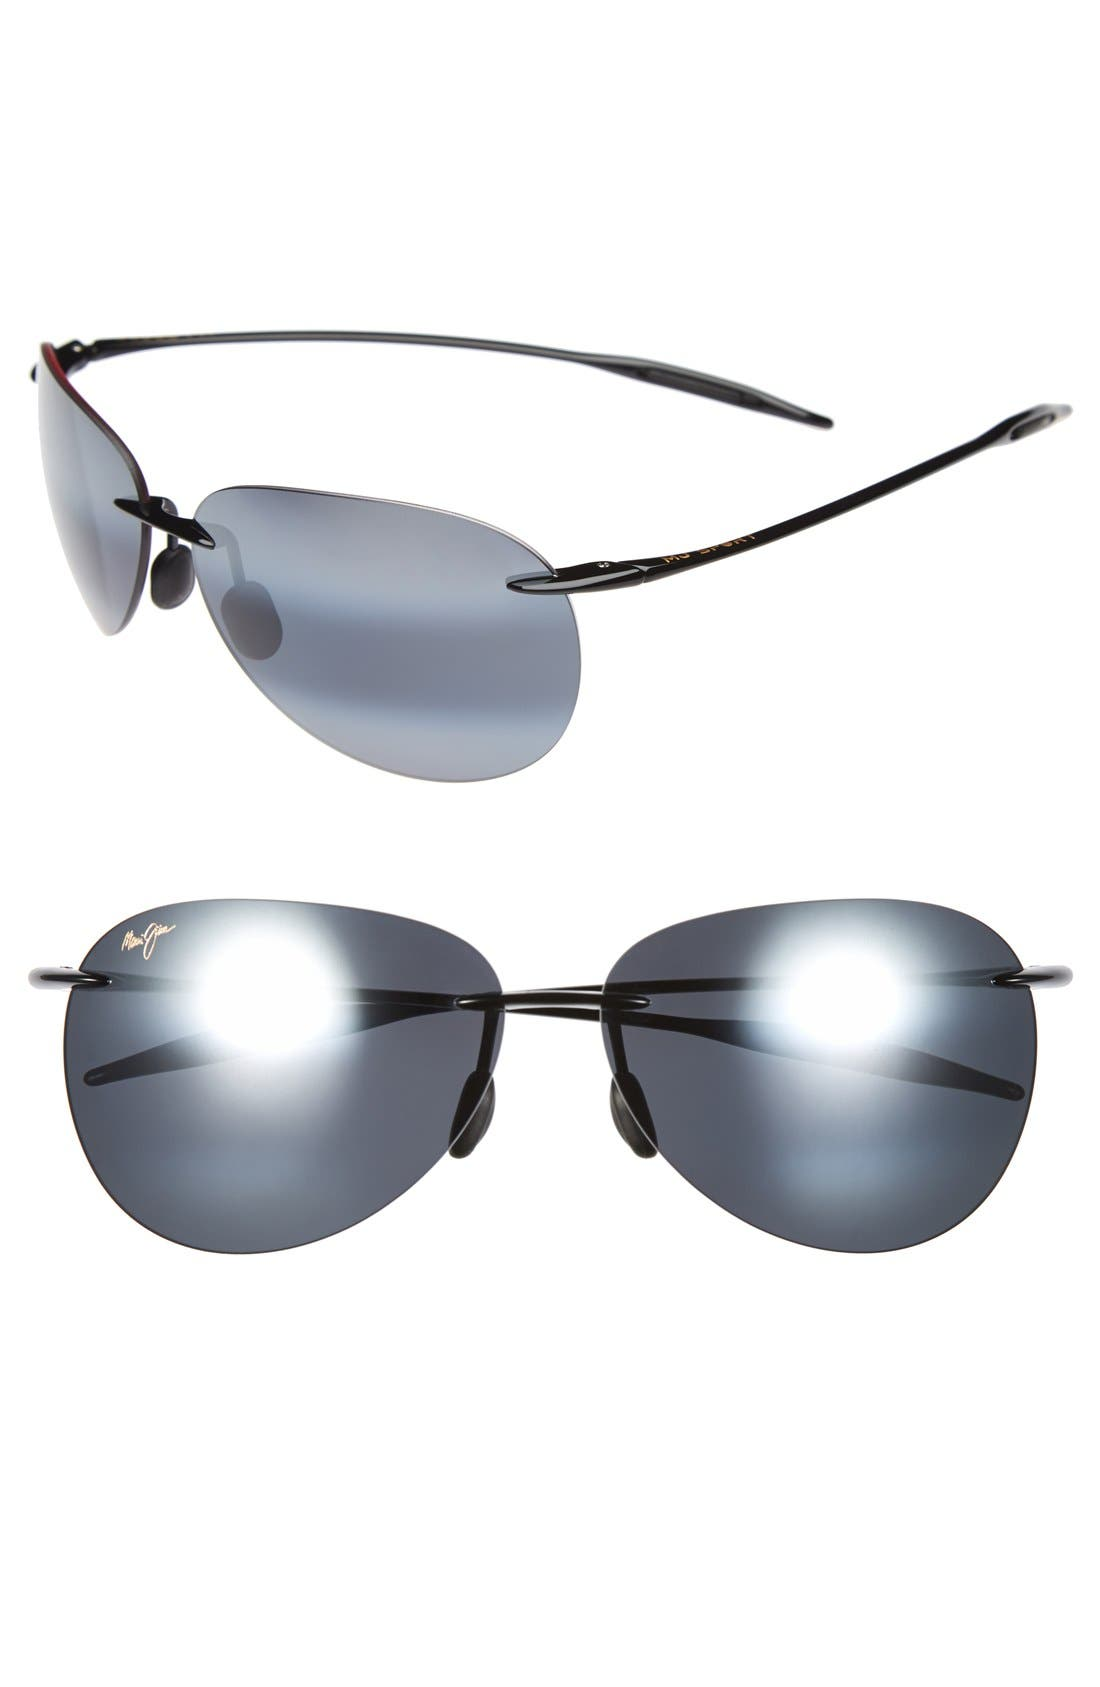 Sugar Beach 62mm PolarizedPlus2<sup>®</sup> Rimless Sunglasses,                             Main thumbnail 1, color,                             GLOSS BLACK/ NEUTRAL GREY